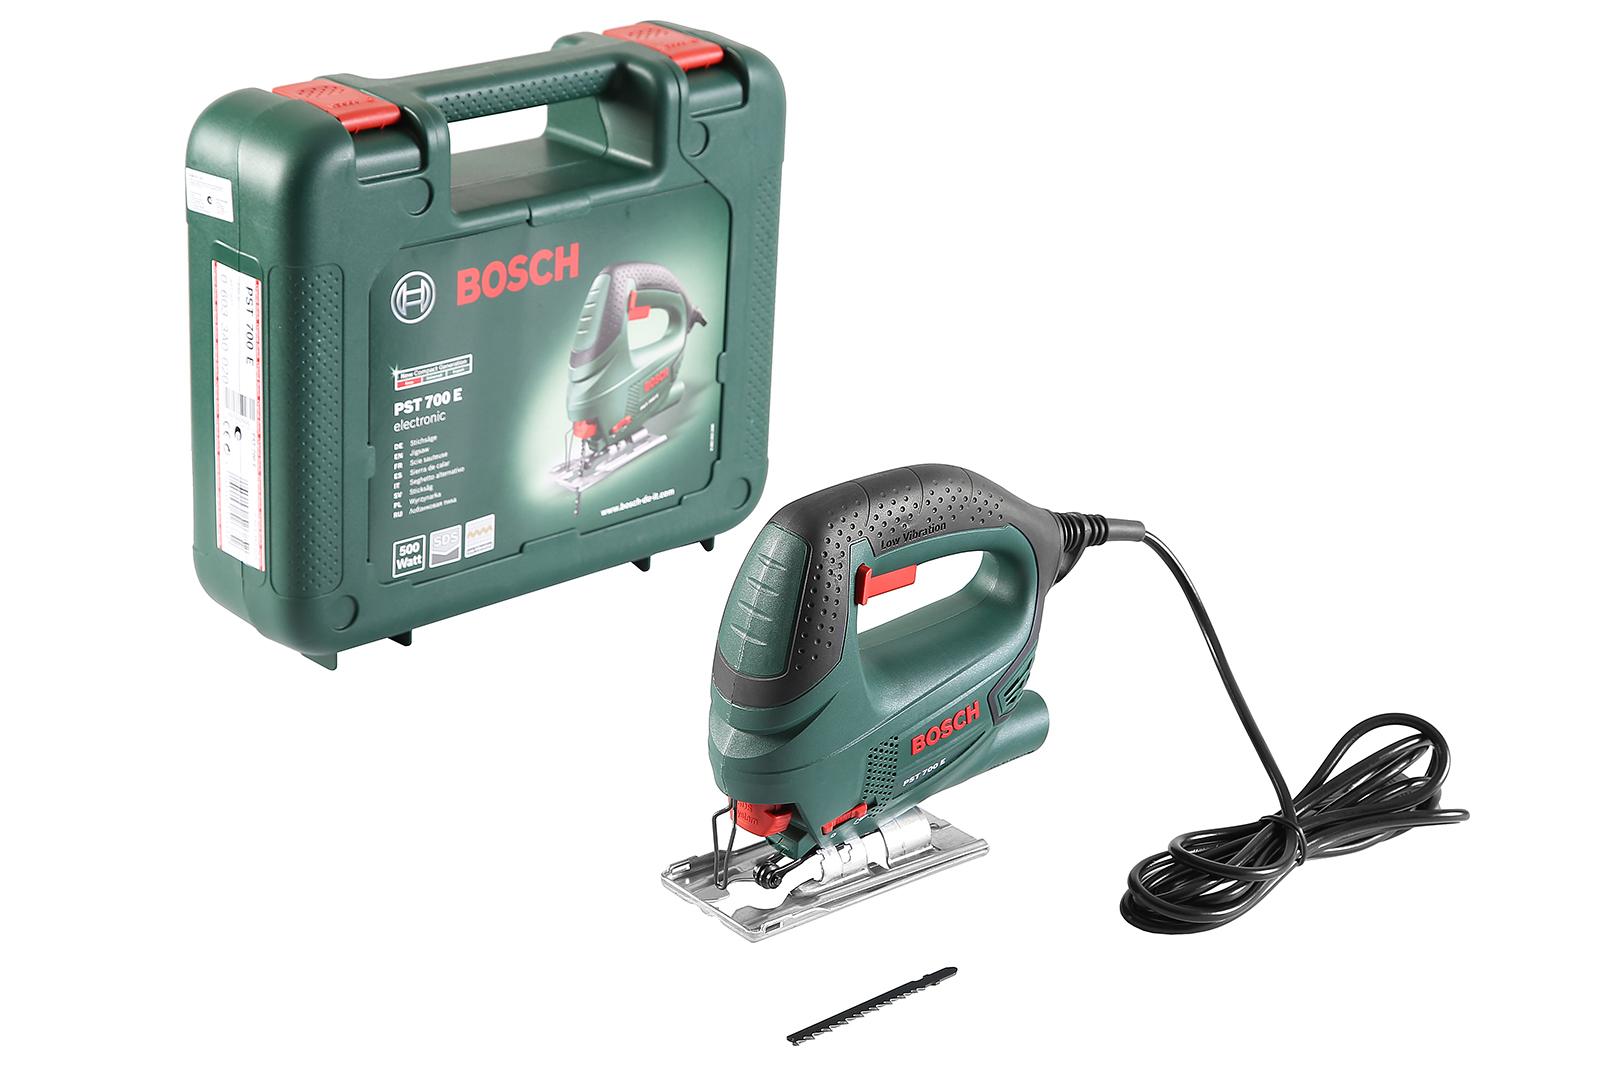 Лобзик Bosch Pst 700 e compact (0.603.3a0.020)